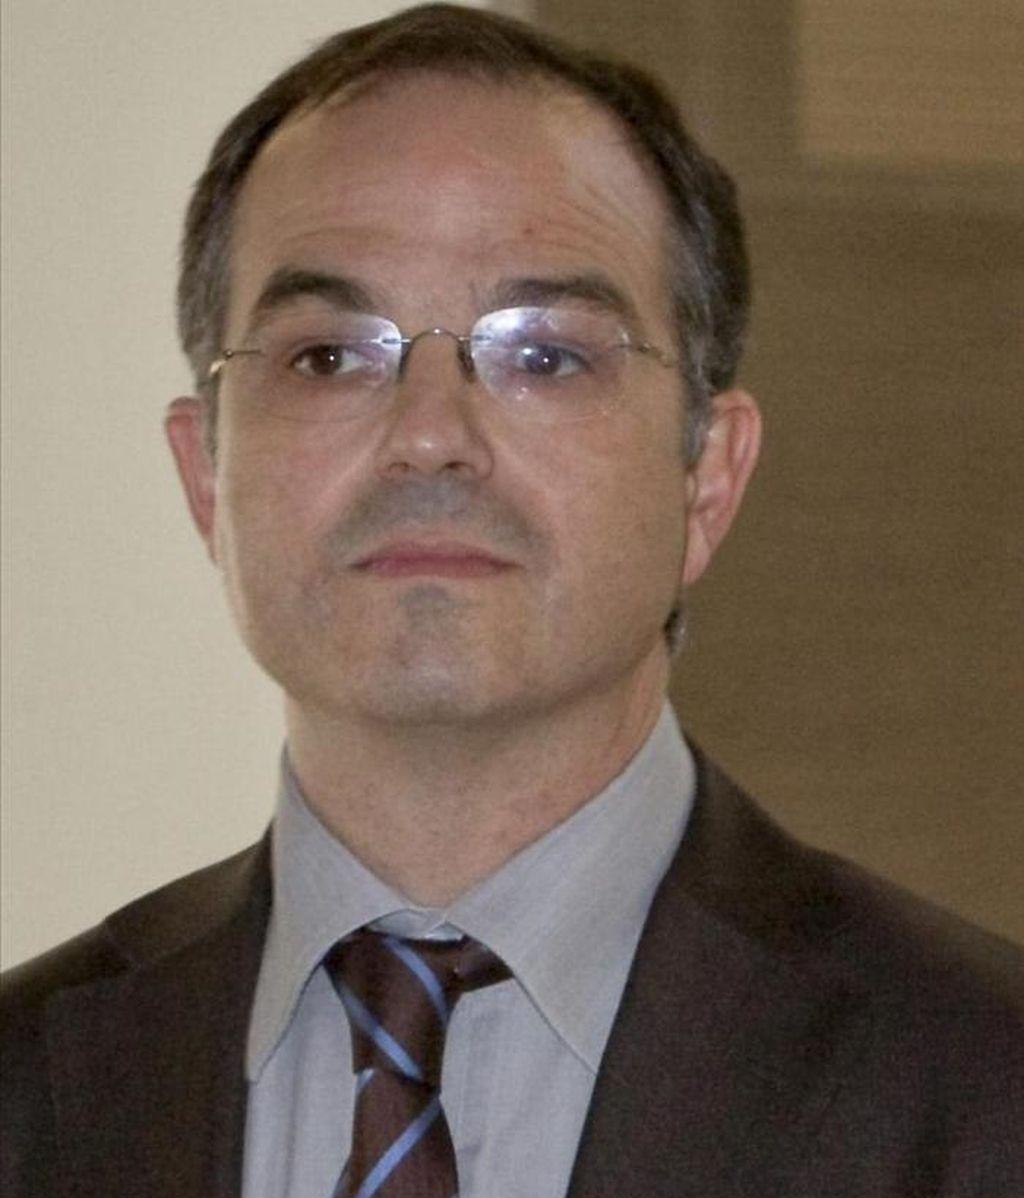 """En declaraciones tras la reunión extraordinaria de la Junta de Portavoces, el portavoz de CiU en el Parlament, Jordi Turull, ha expresado su """"extrañeza"""" por la postura del PSC, y ha subrayado que Bildu, candidatura de la que forma parte Eusko Alkartasuna, """"rechaza la violencia"""" y debe concurrir a estos comicios. EFE/Archivo"""